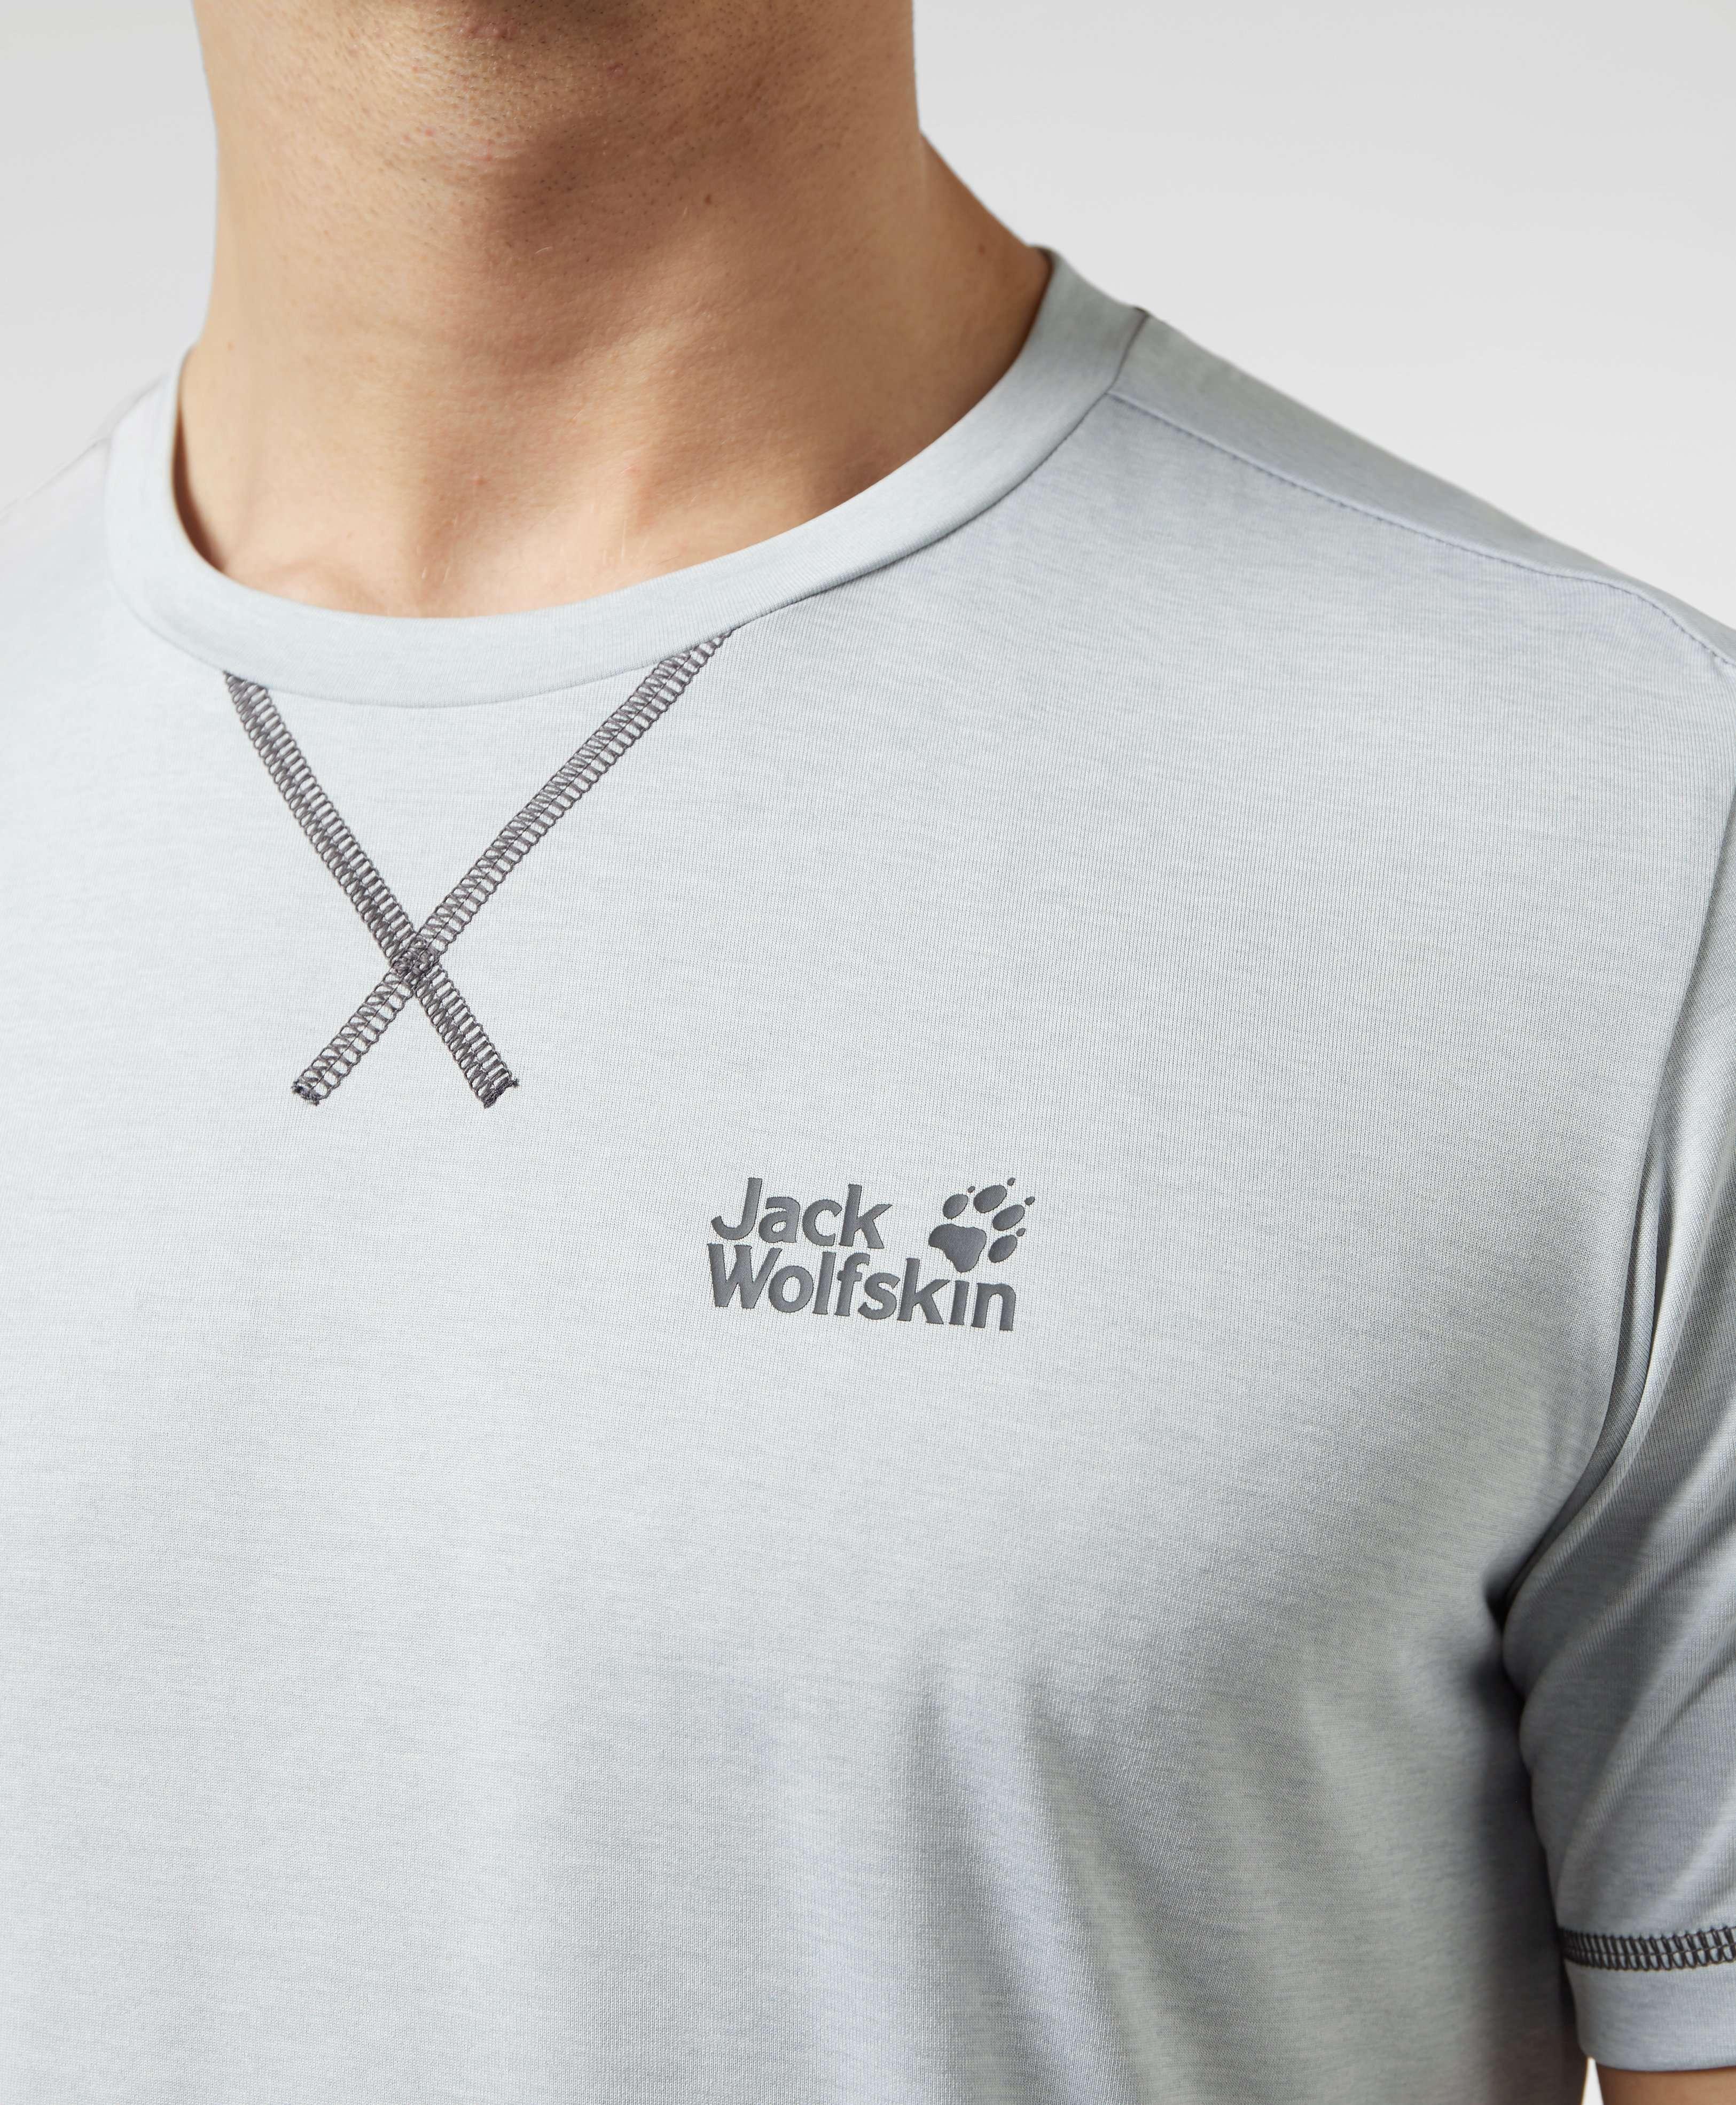 Jack Wolfskin Short Sleeve Core Tech T-Shirt